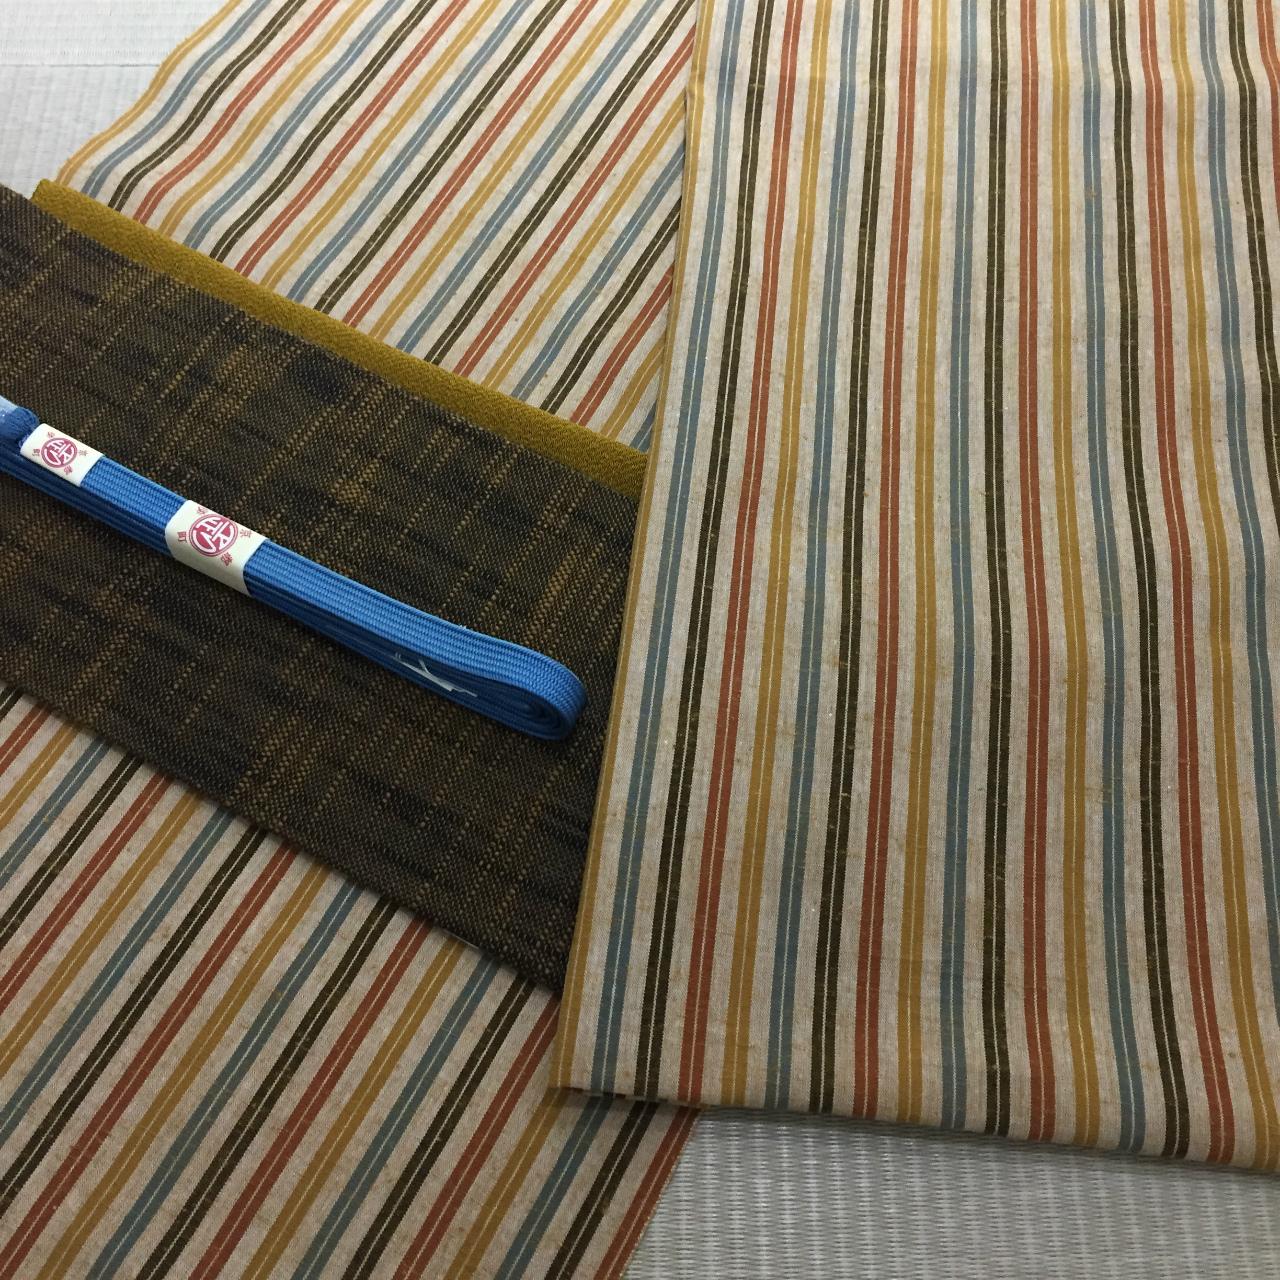 【誂え品】遠州木綿 小幅 黄葉 *お仕立代込